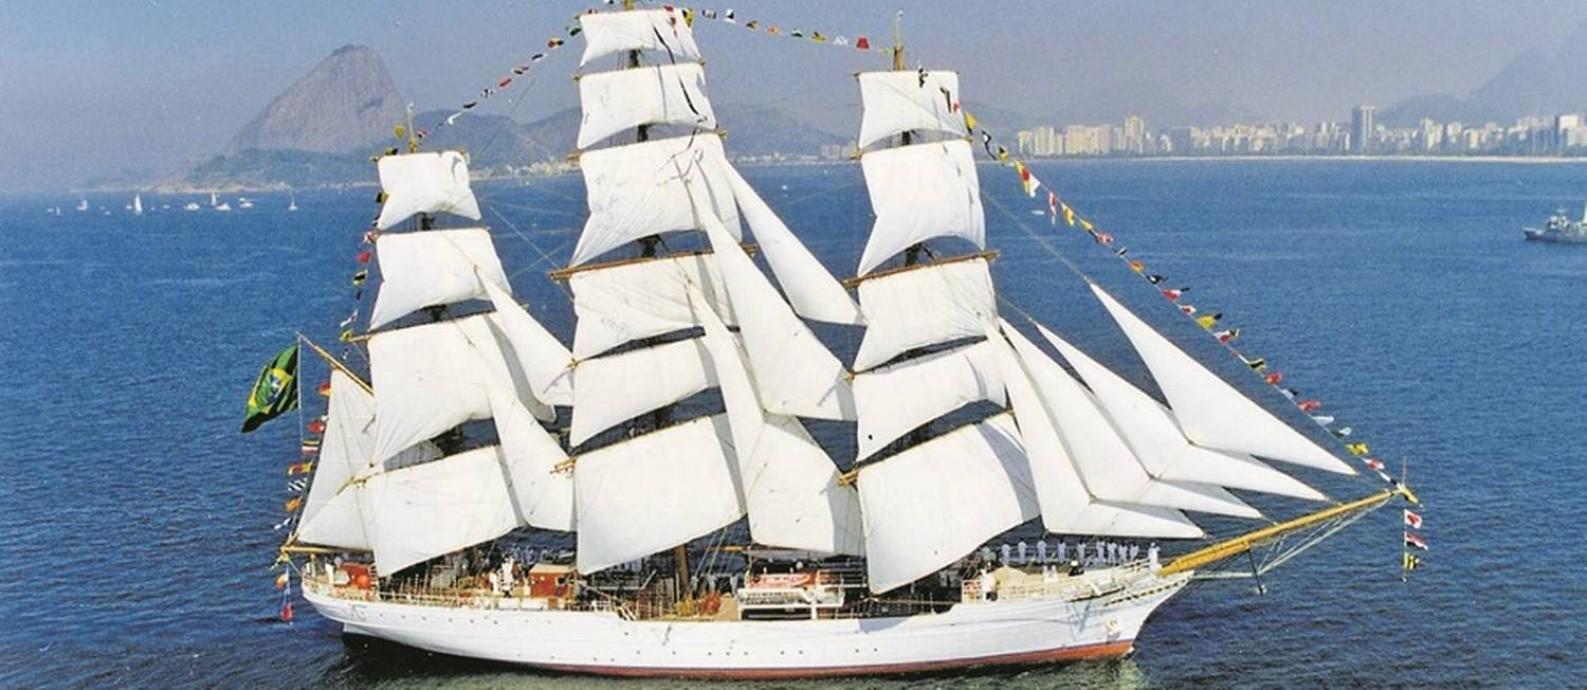 Navio 'Cisne branco' Foto: Divulgação